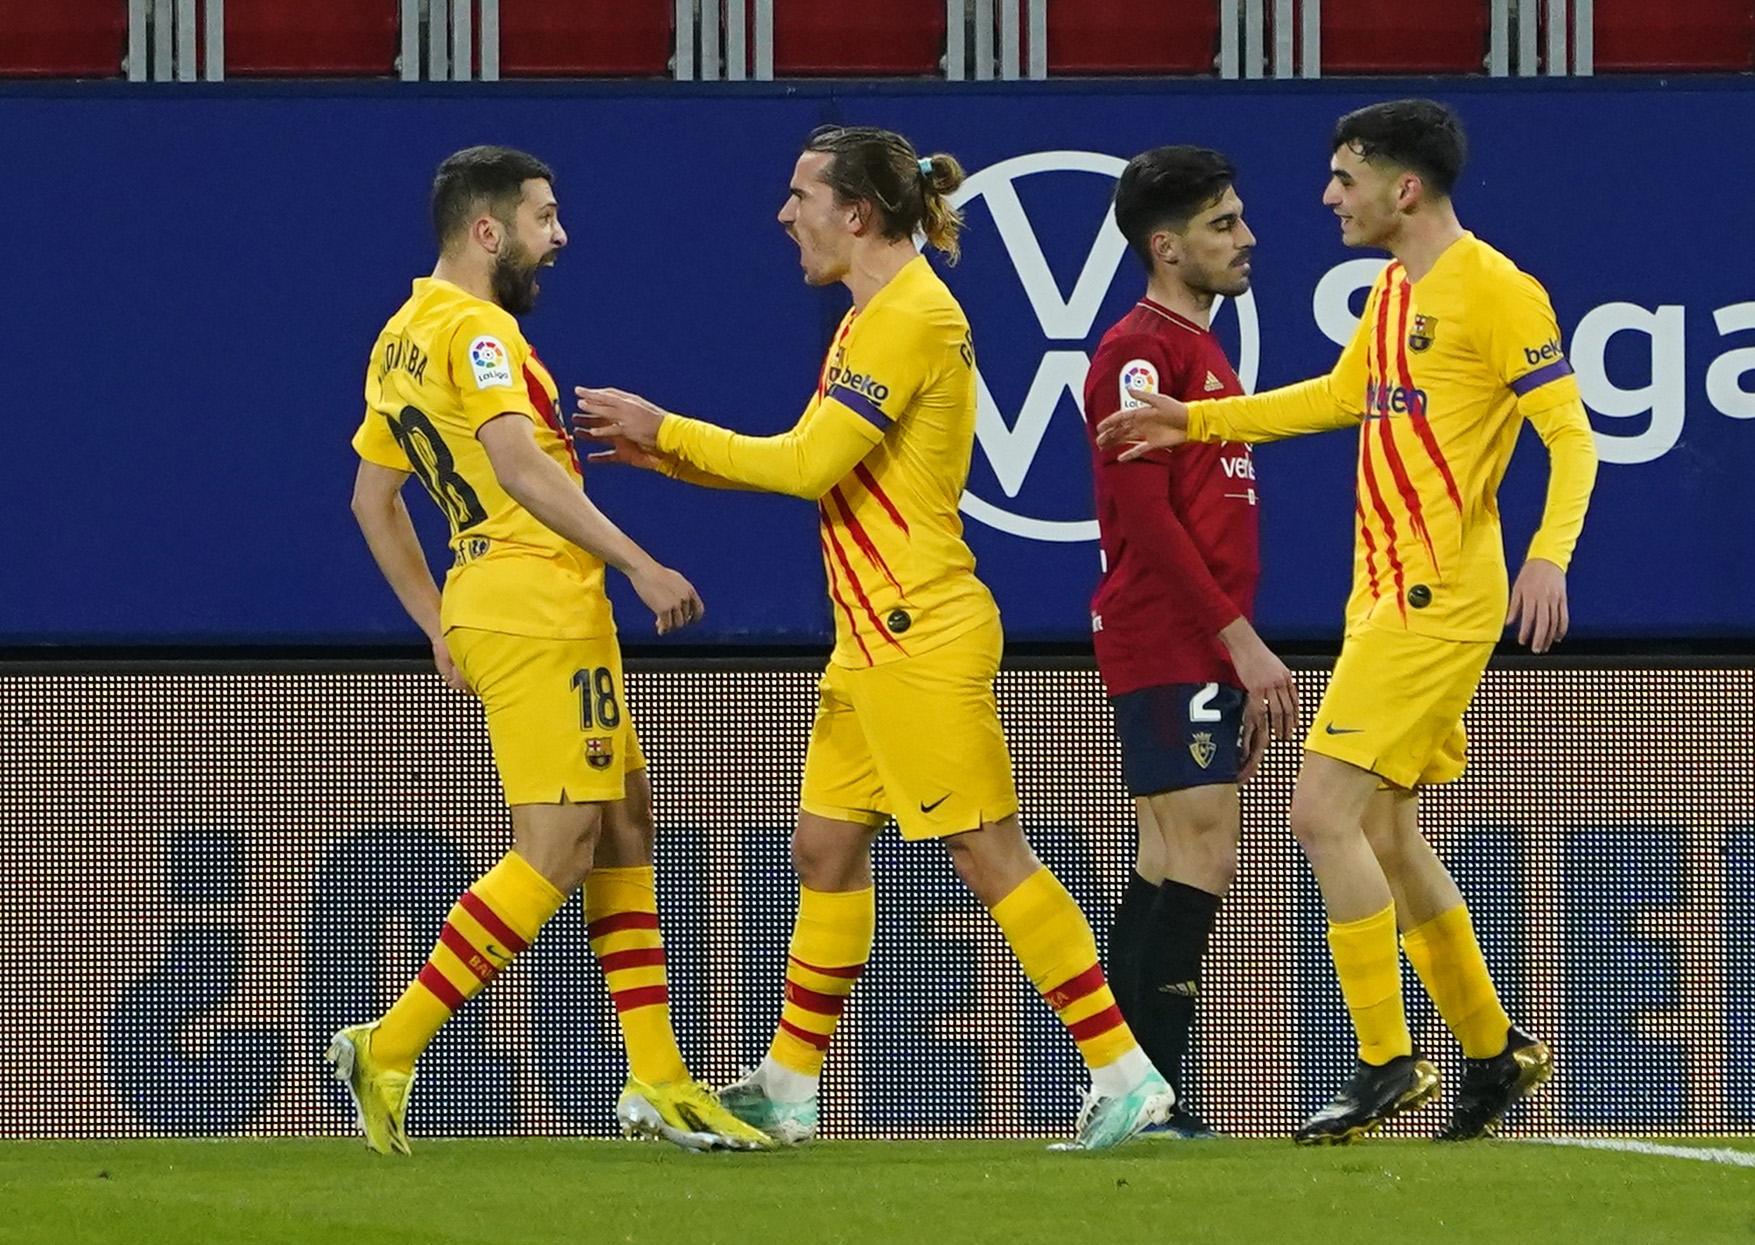 احتفال لاعبى برشلونة بالهدف الأول